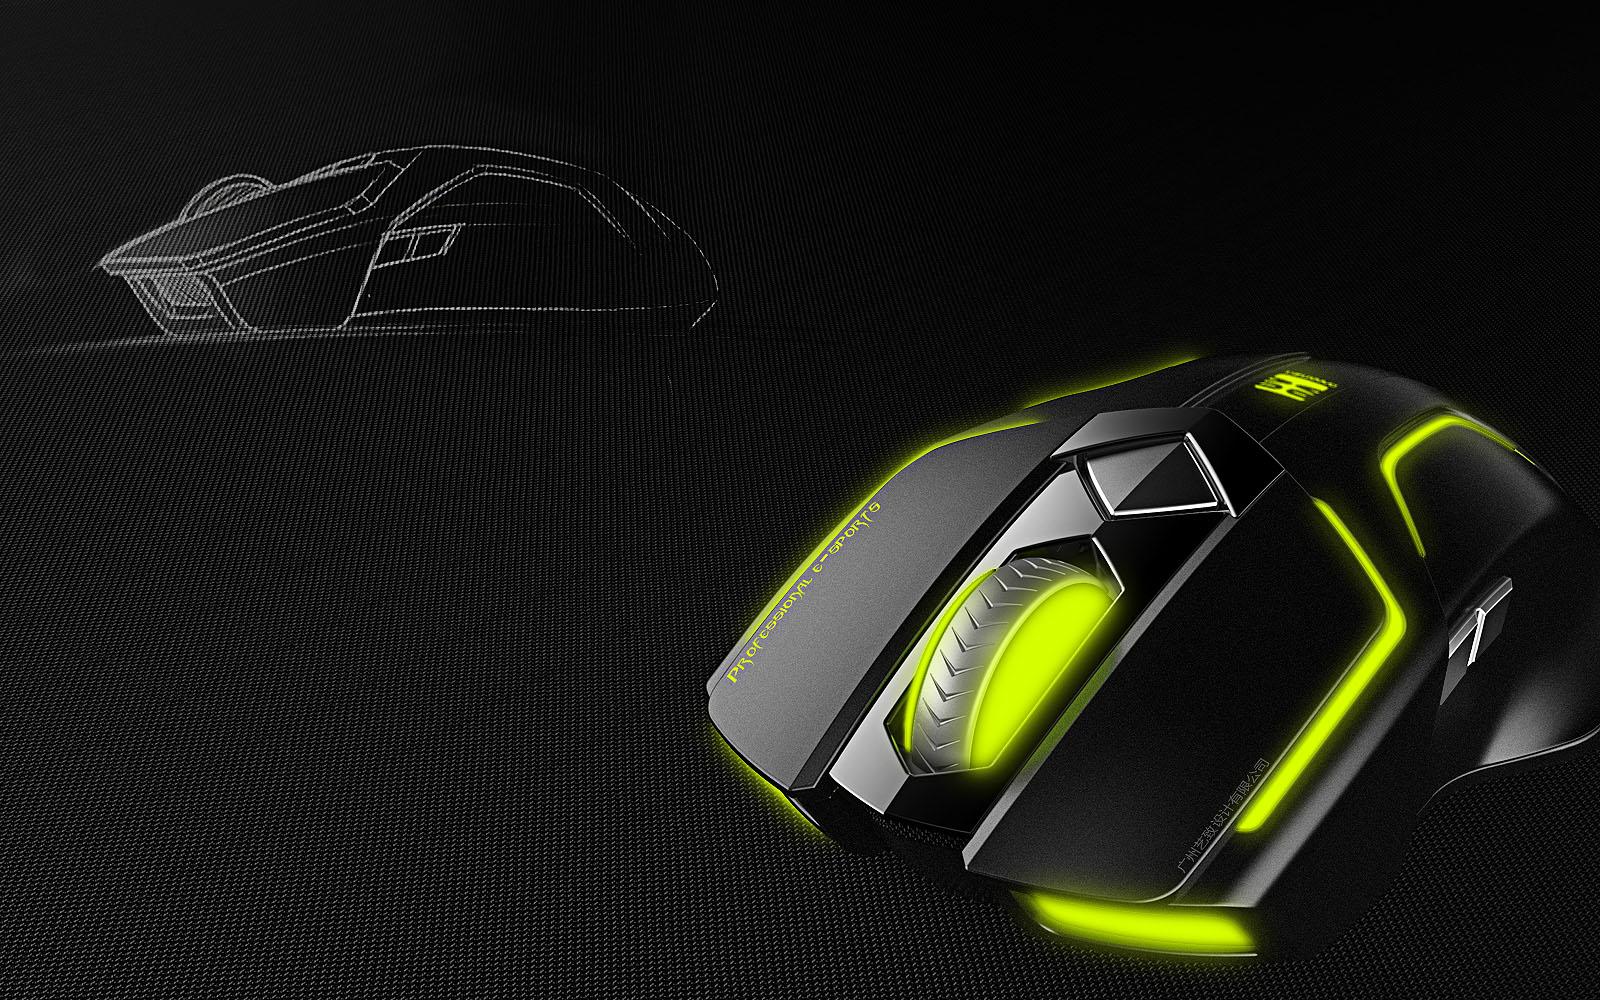 游戏鼠标|工业/产品|电子产品|广州艺致产品设计